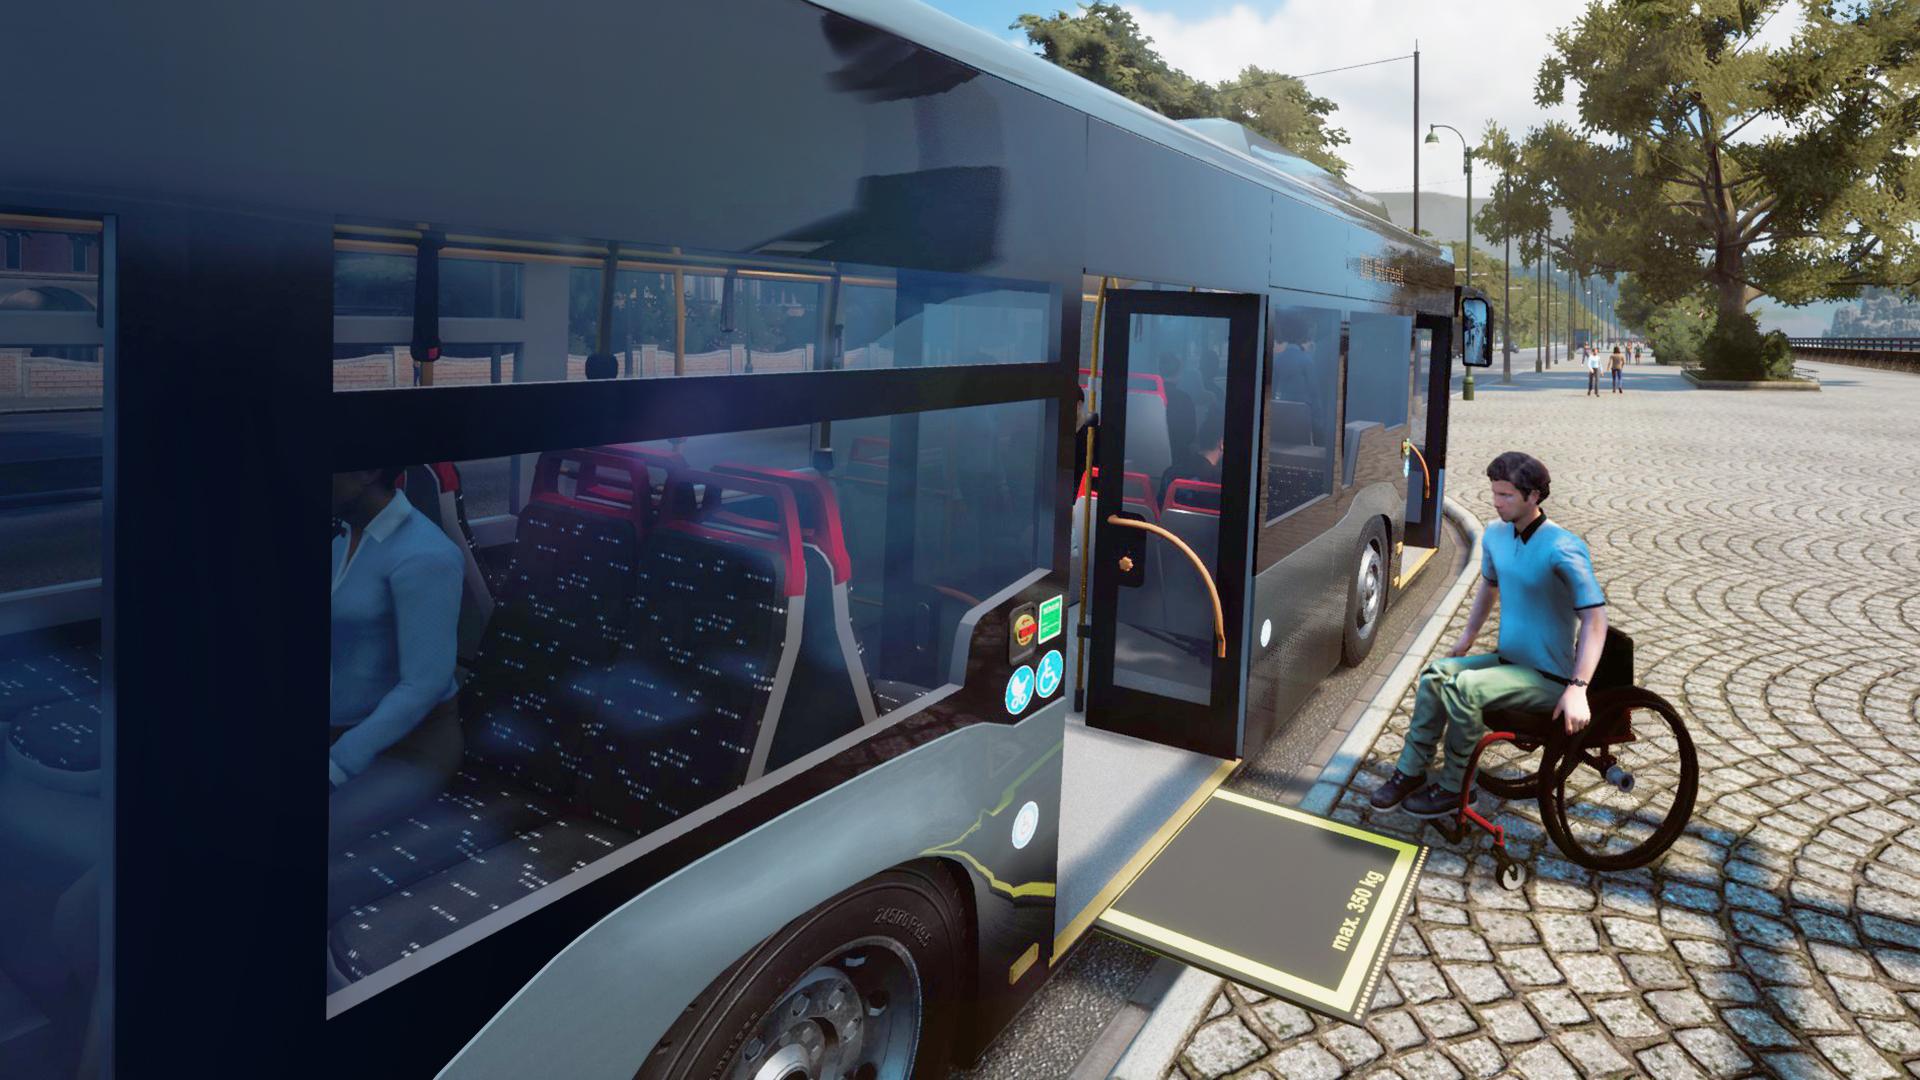 Vous pouvez déployer une rampe pour vos passagers handicapés comme dans la vraie vie!